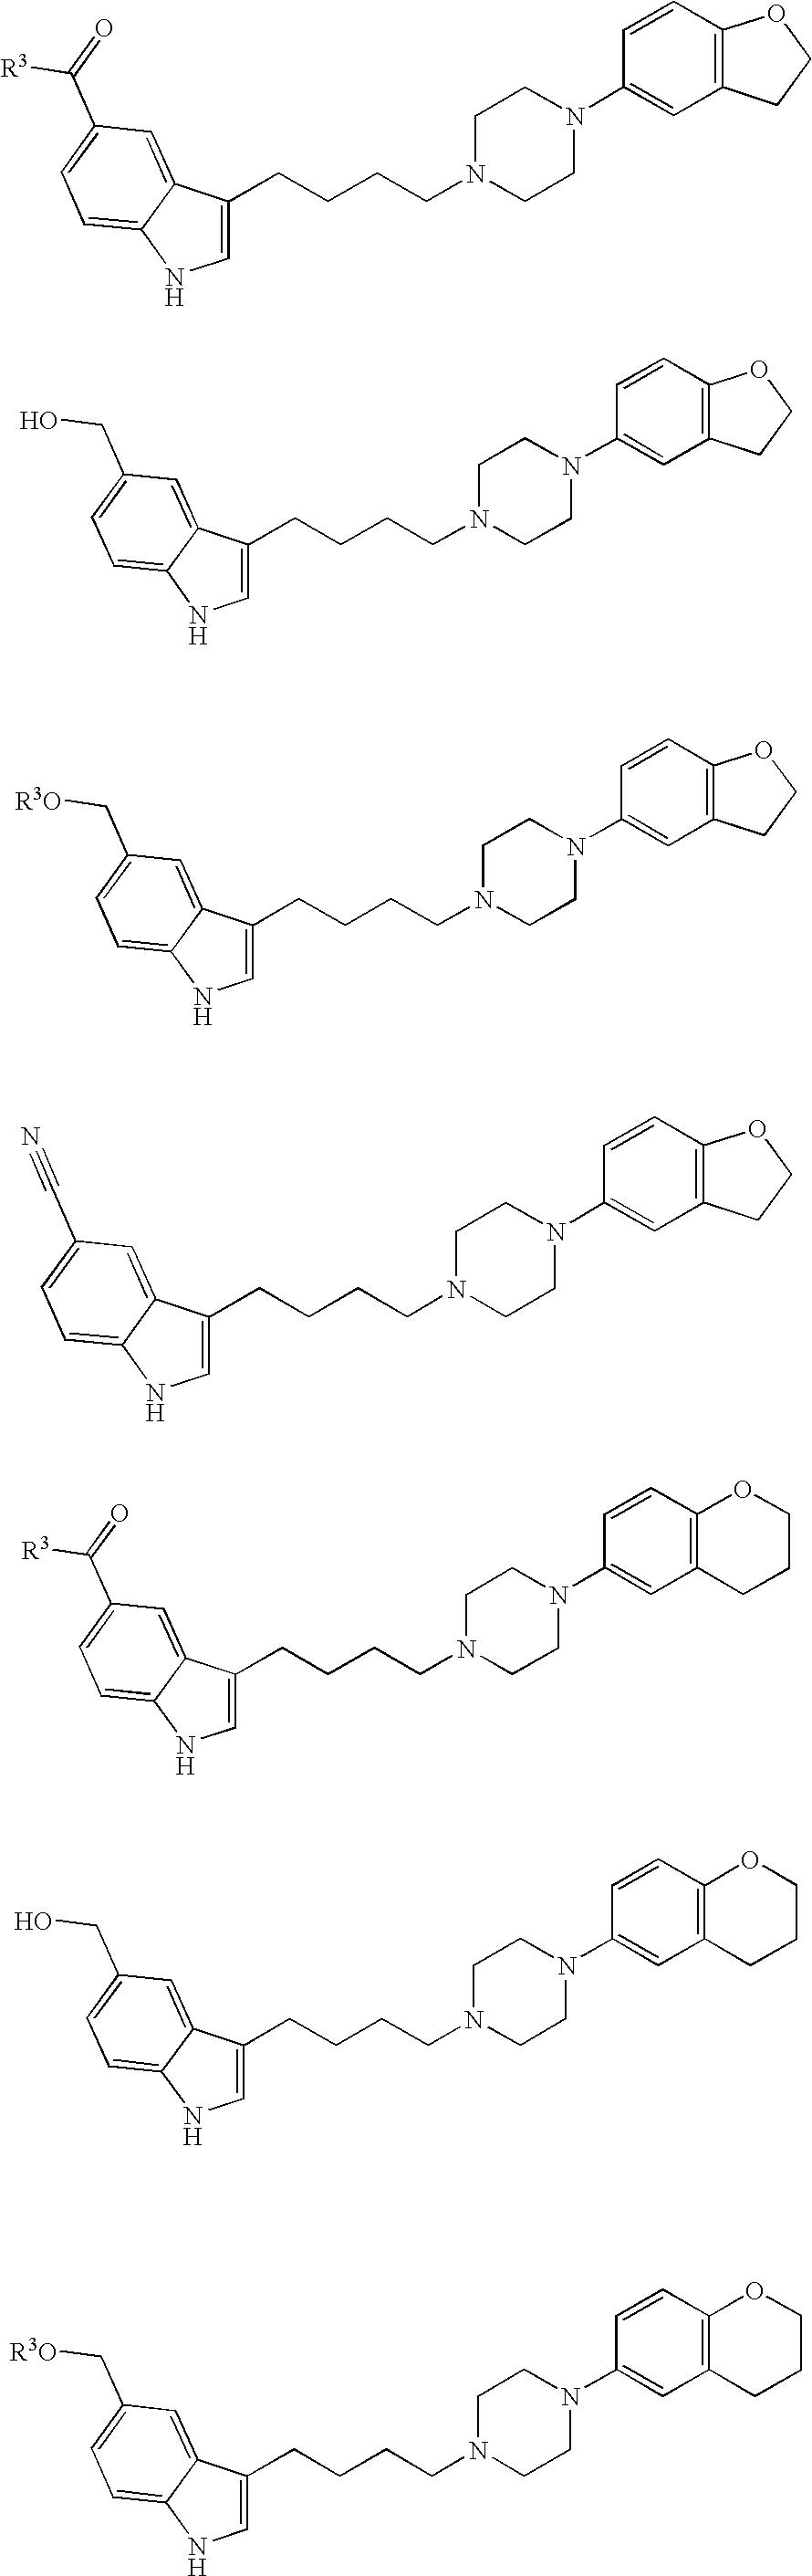 Figure US20100009983A1-20100114-C00114